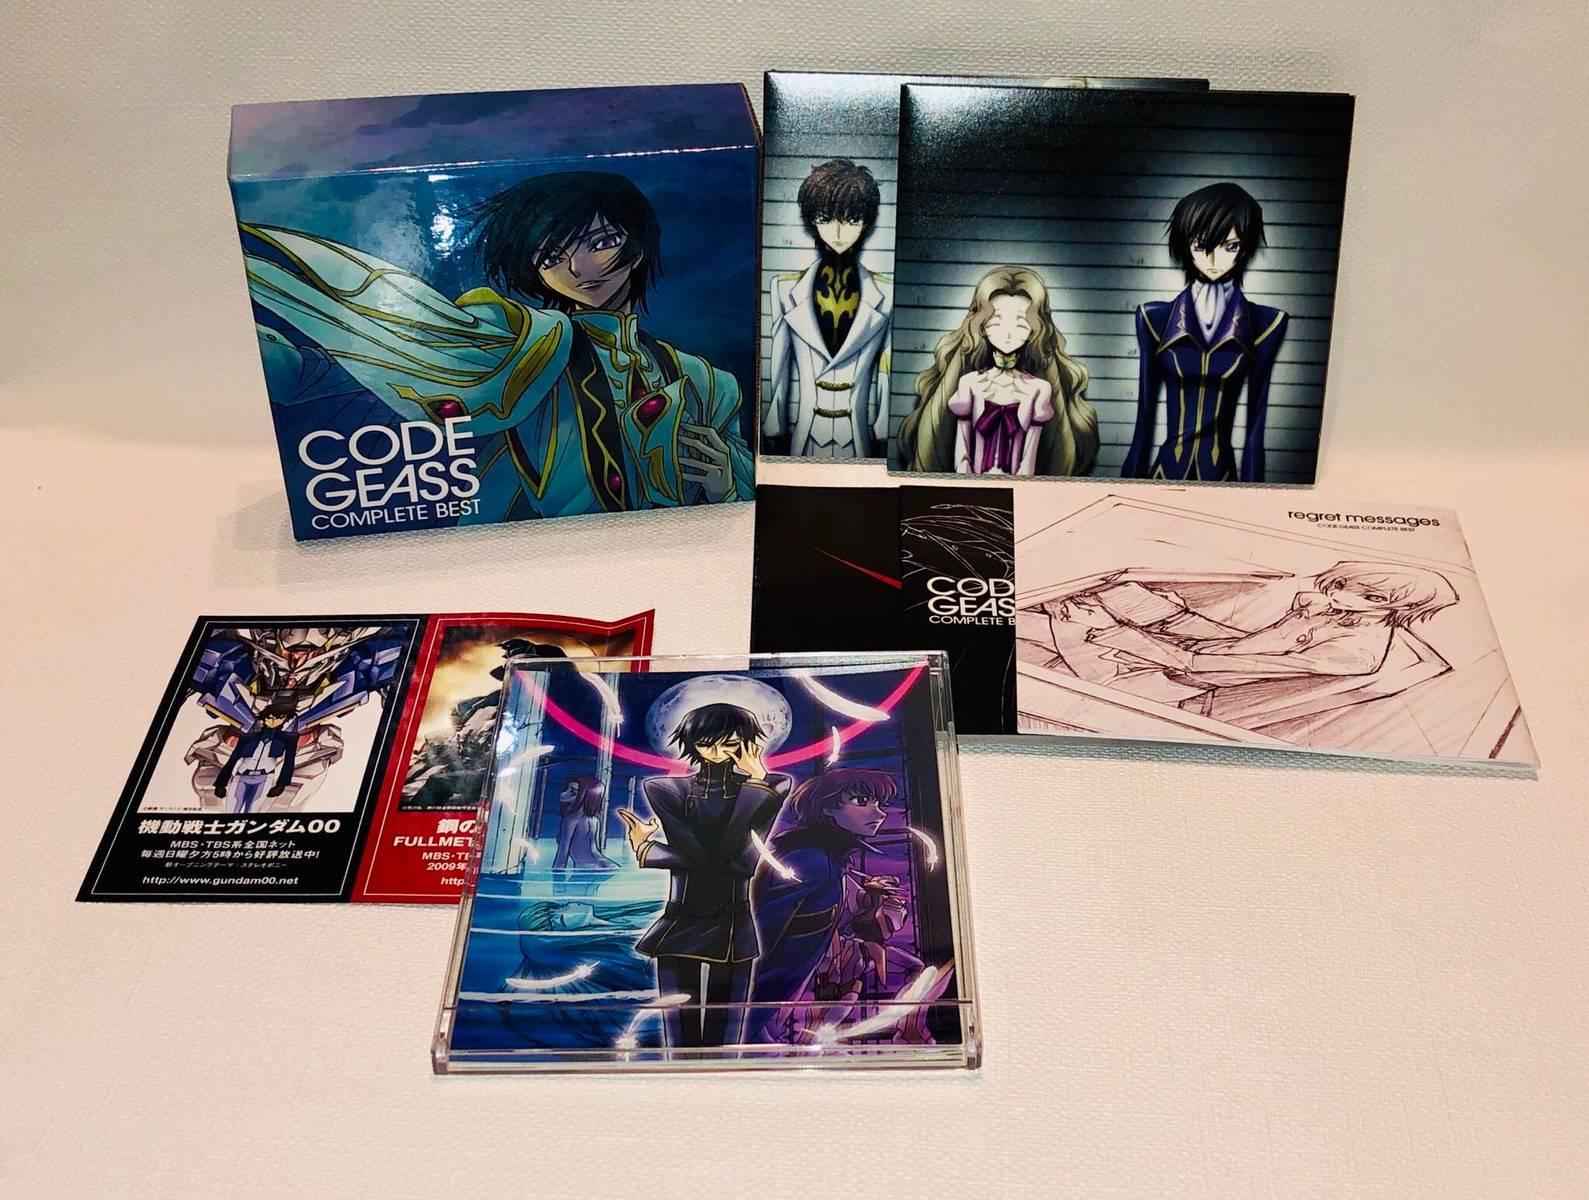 アニメソング, アニメタイトル・か行 CODE GEASS COMPLETE BEST ( ) (DVD)DISK